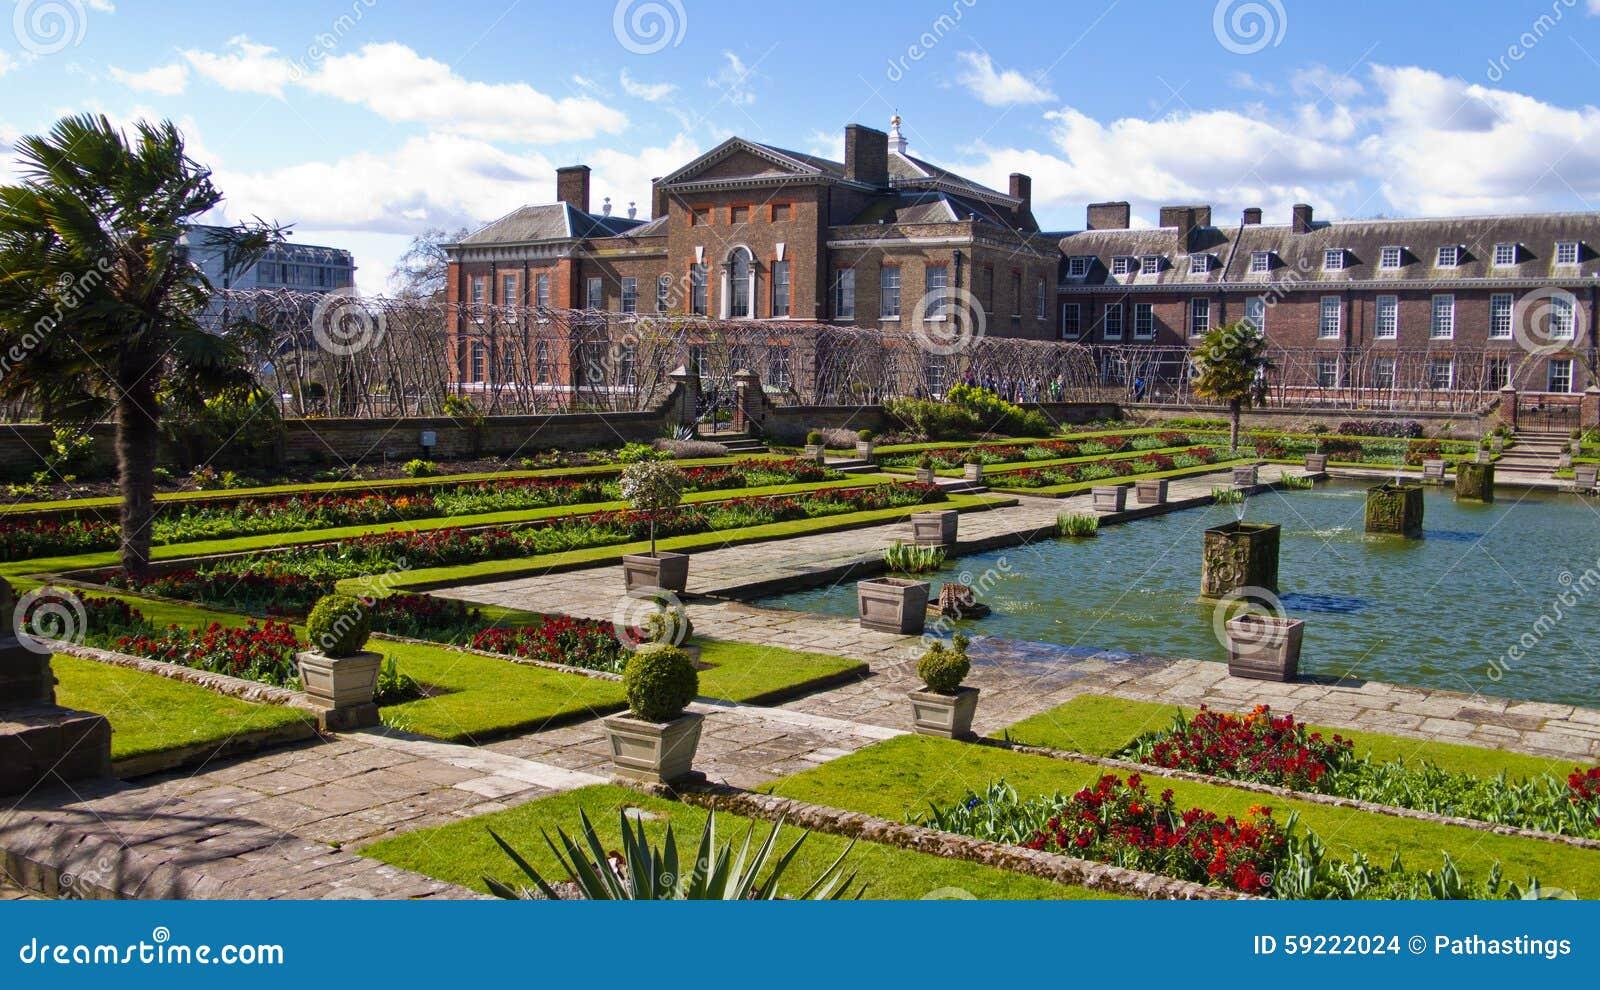 Palacio y jardines londres inglaterra reino unido de for Jardines de kensington